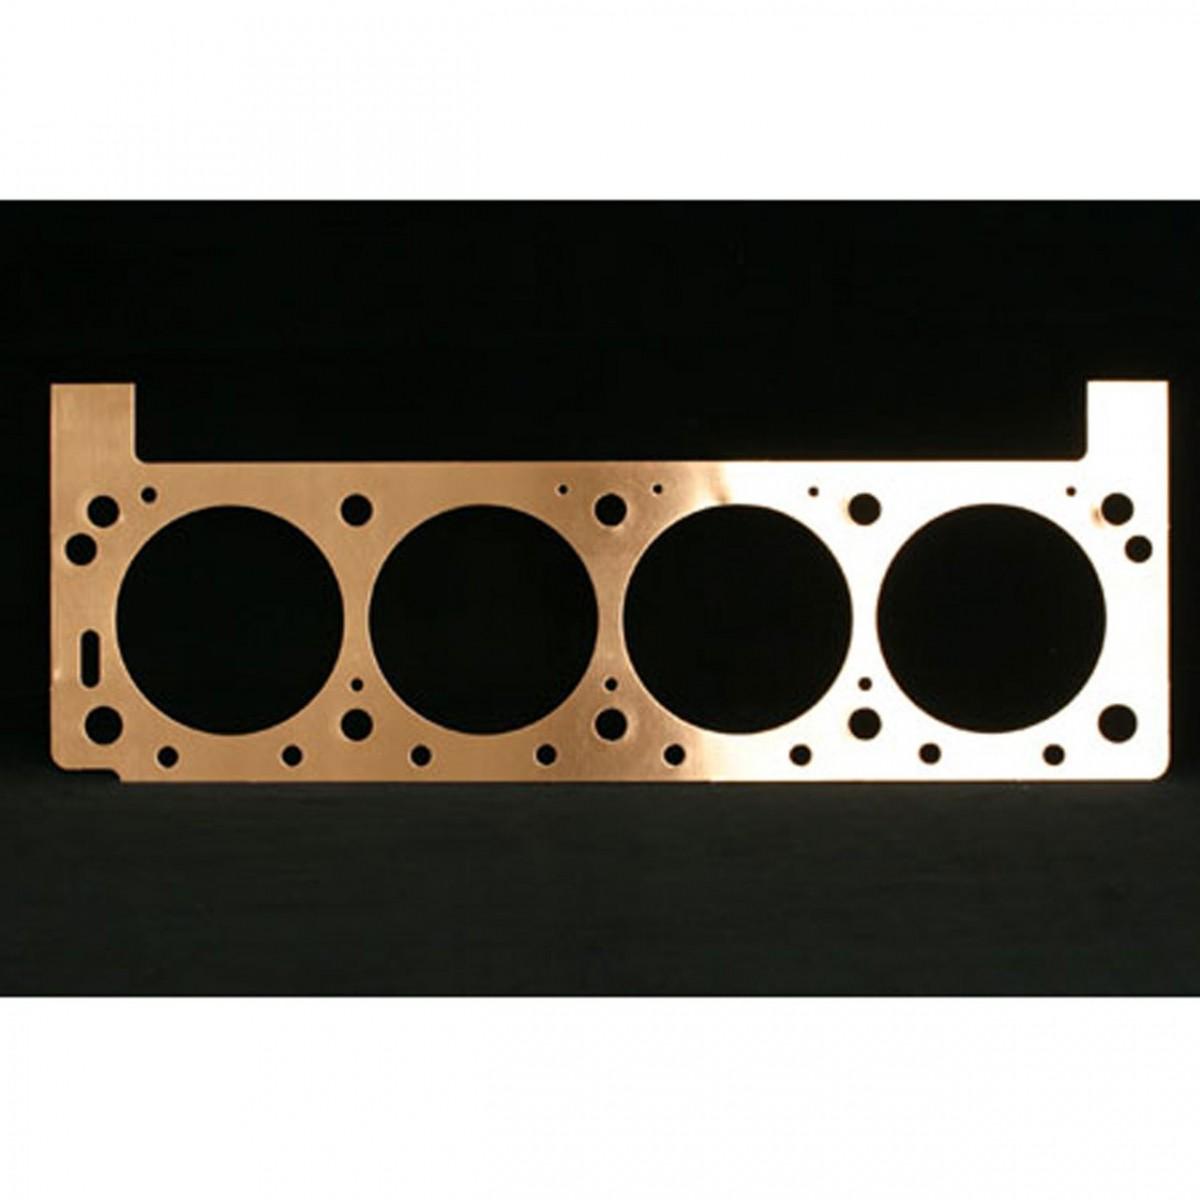 K-B Hemi Copper Head Gaskets 4.320 x .062 SCE Gaskets P66326